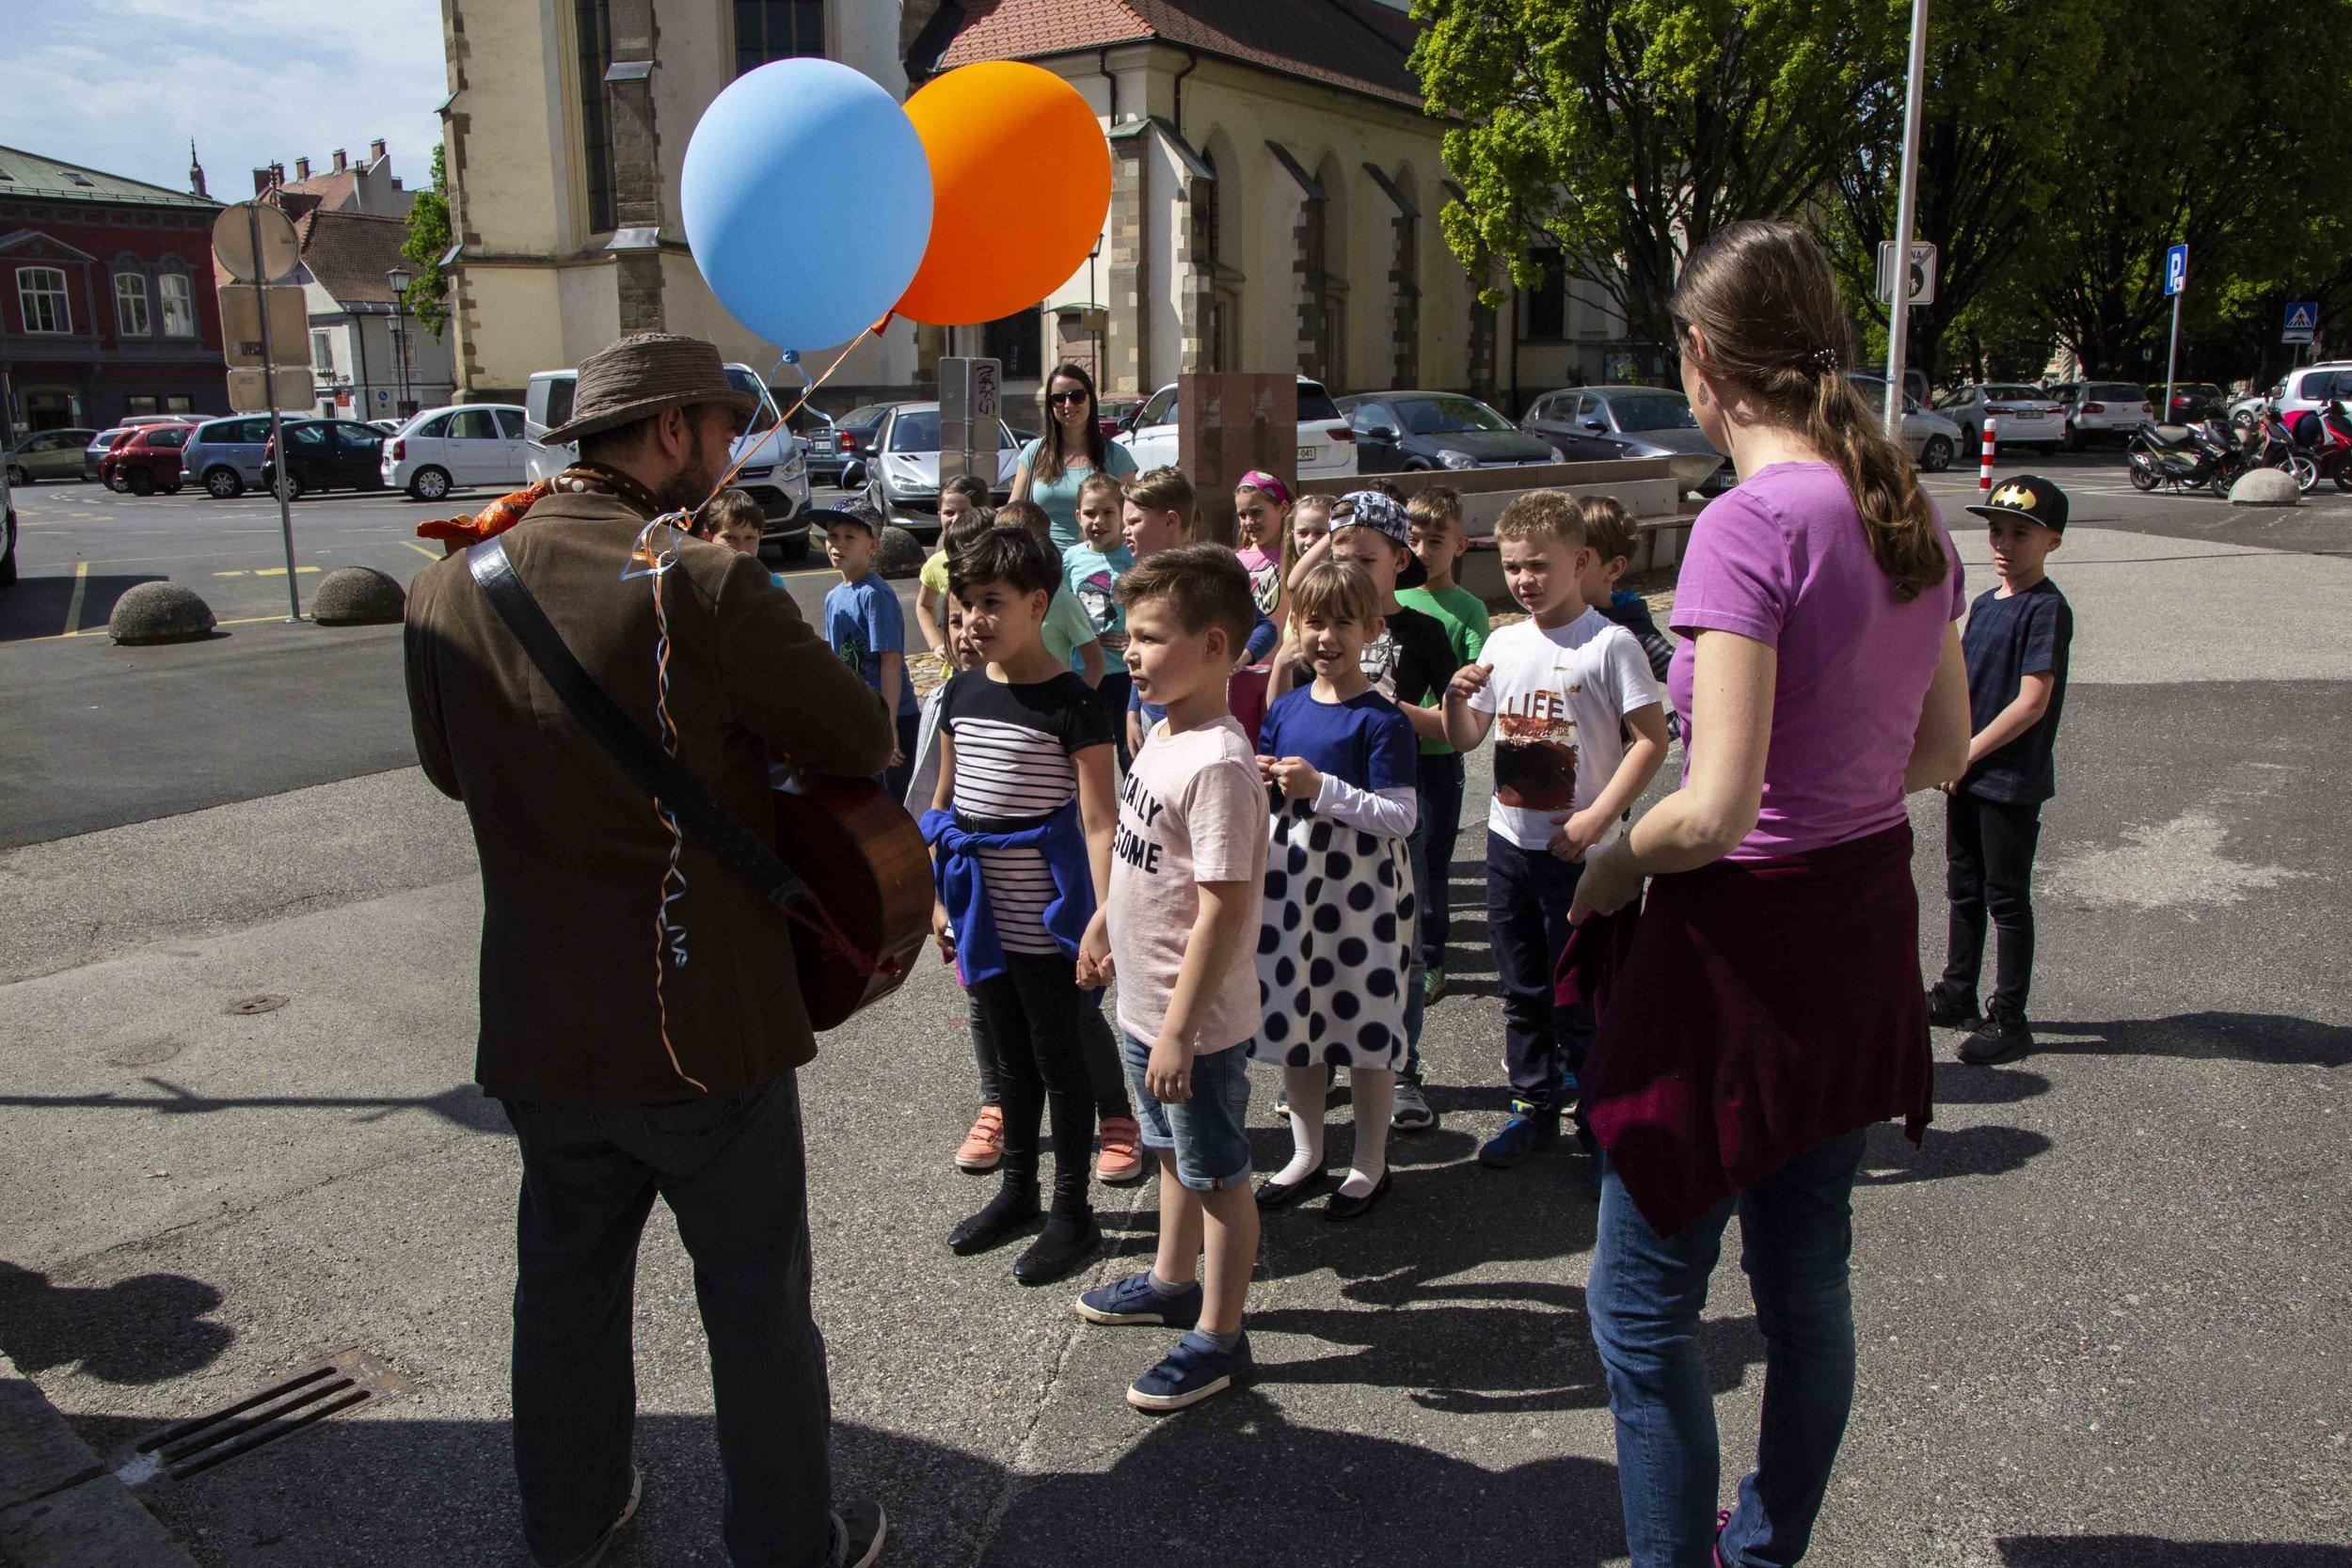 Elvis Berljak otrokom predstavlja prigode velikega ptiča  Ferda  / foto: Kristijan Robič